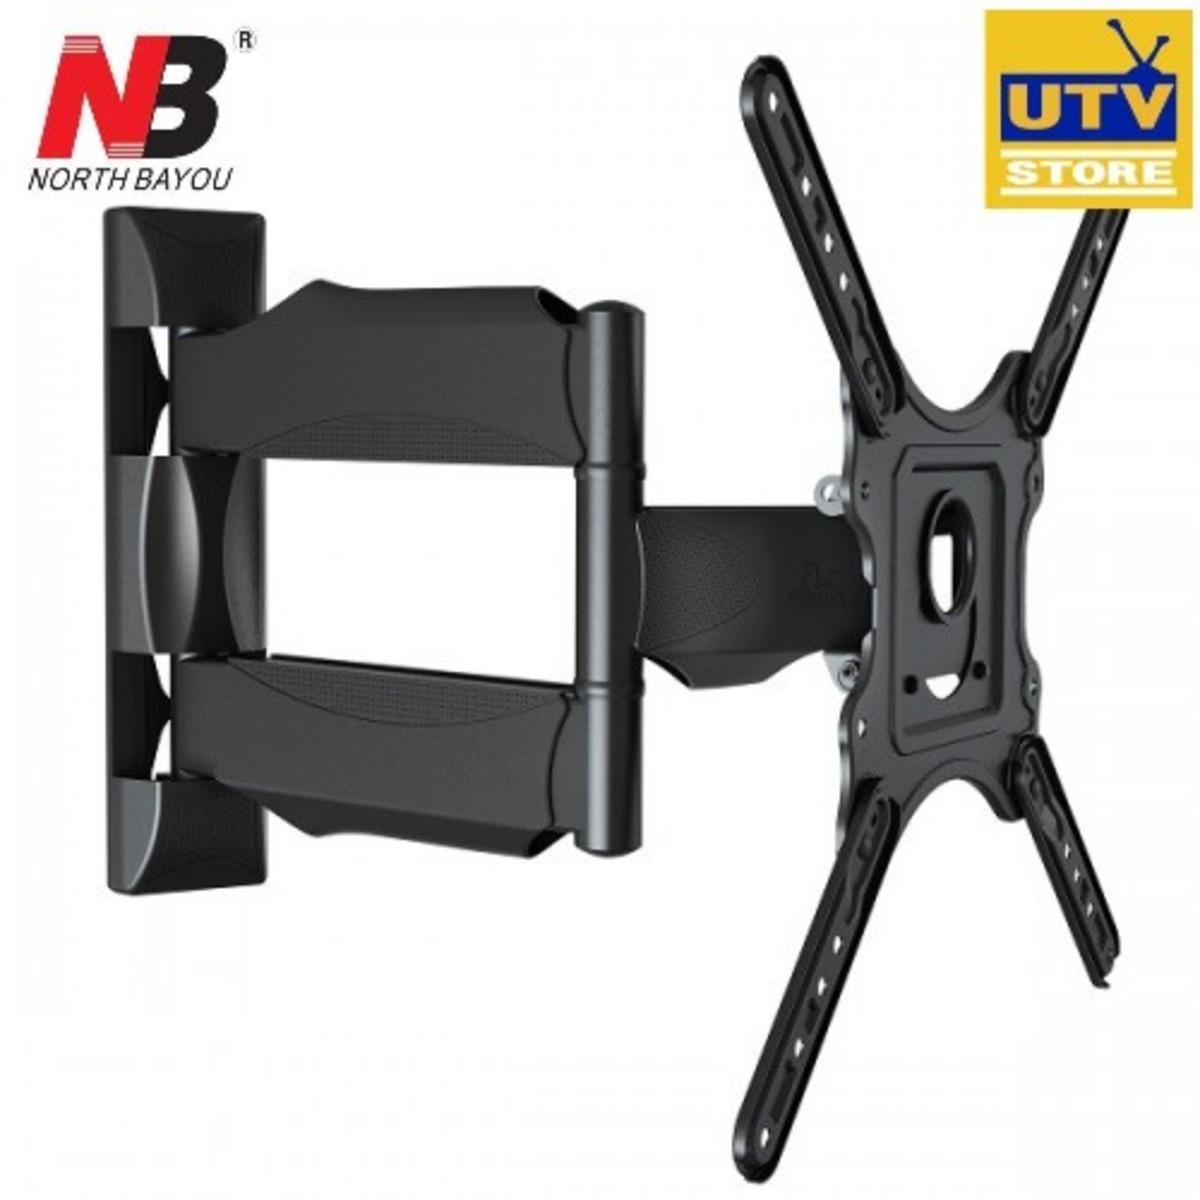 NBP4 電視懸臂活動式掛牆架